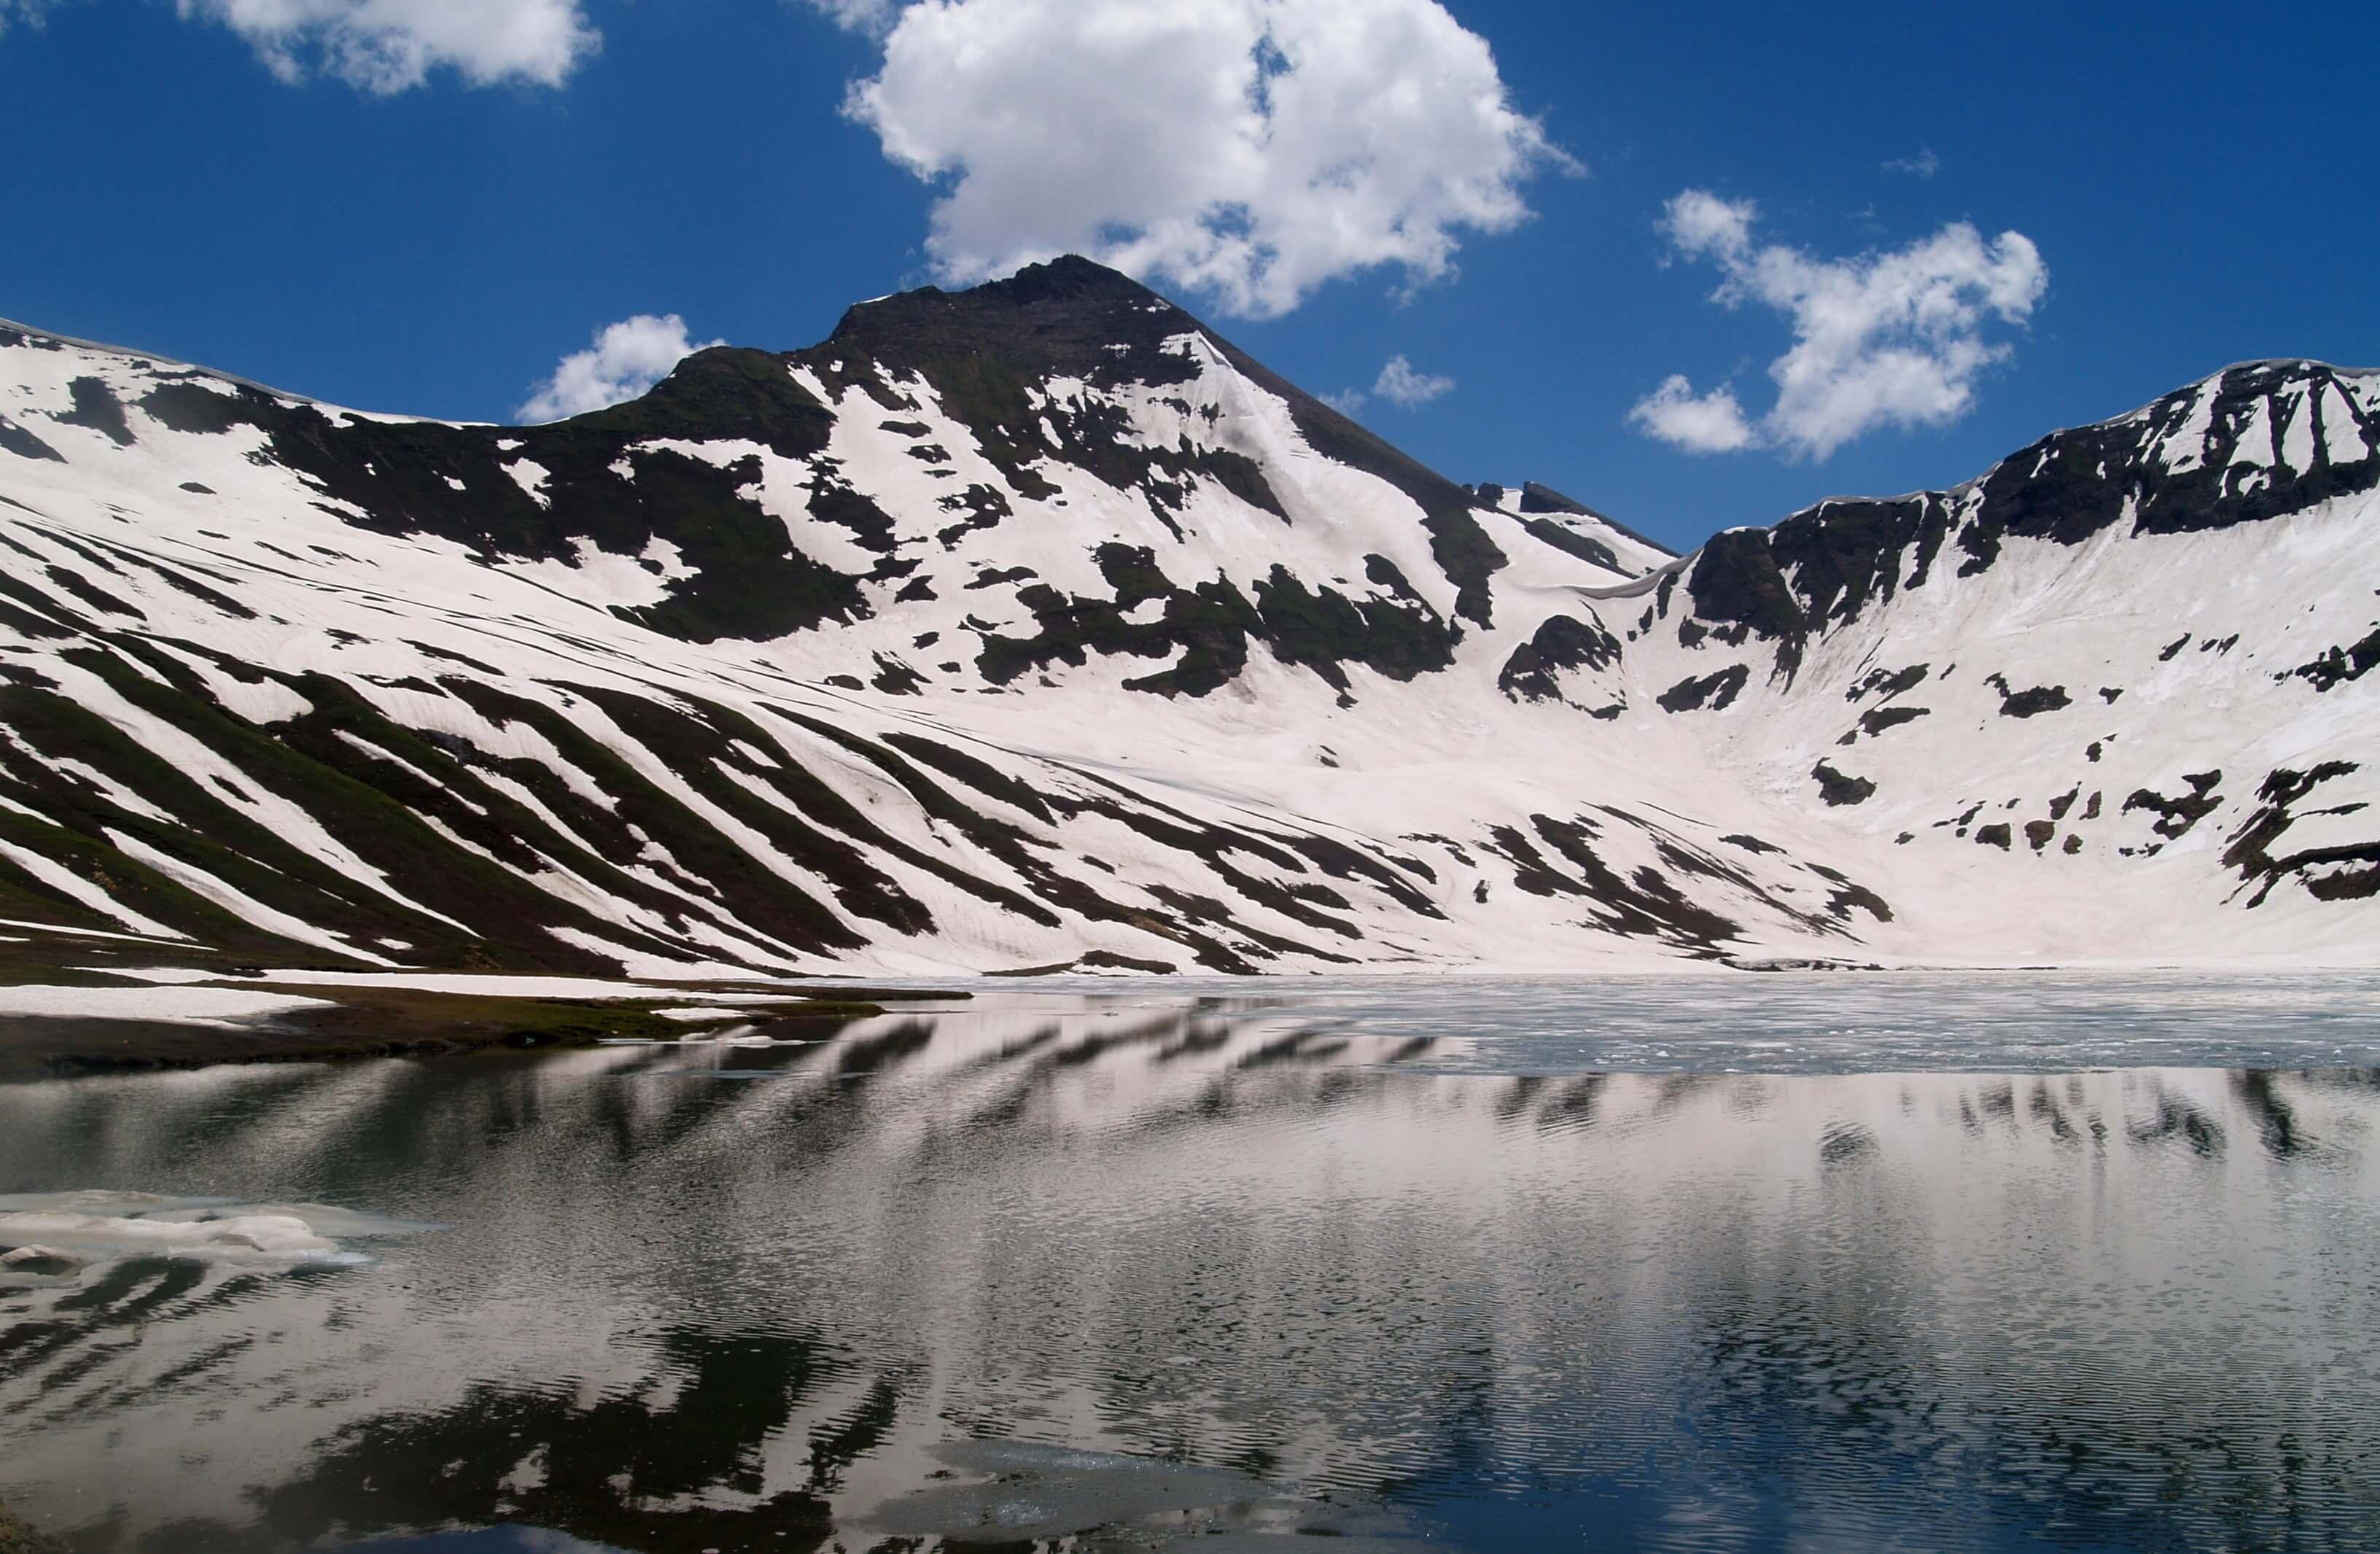 Pakistan Tourism: Naran Valley has no electricity